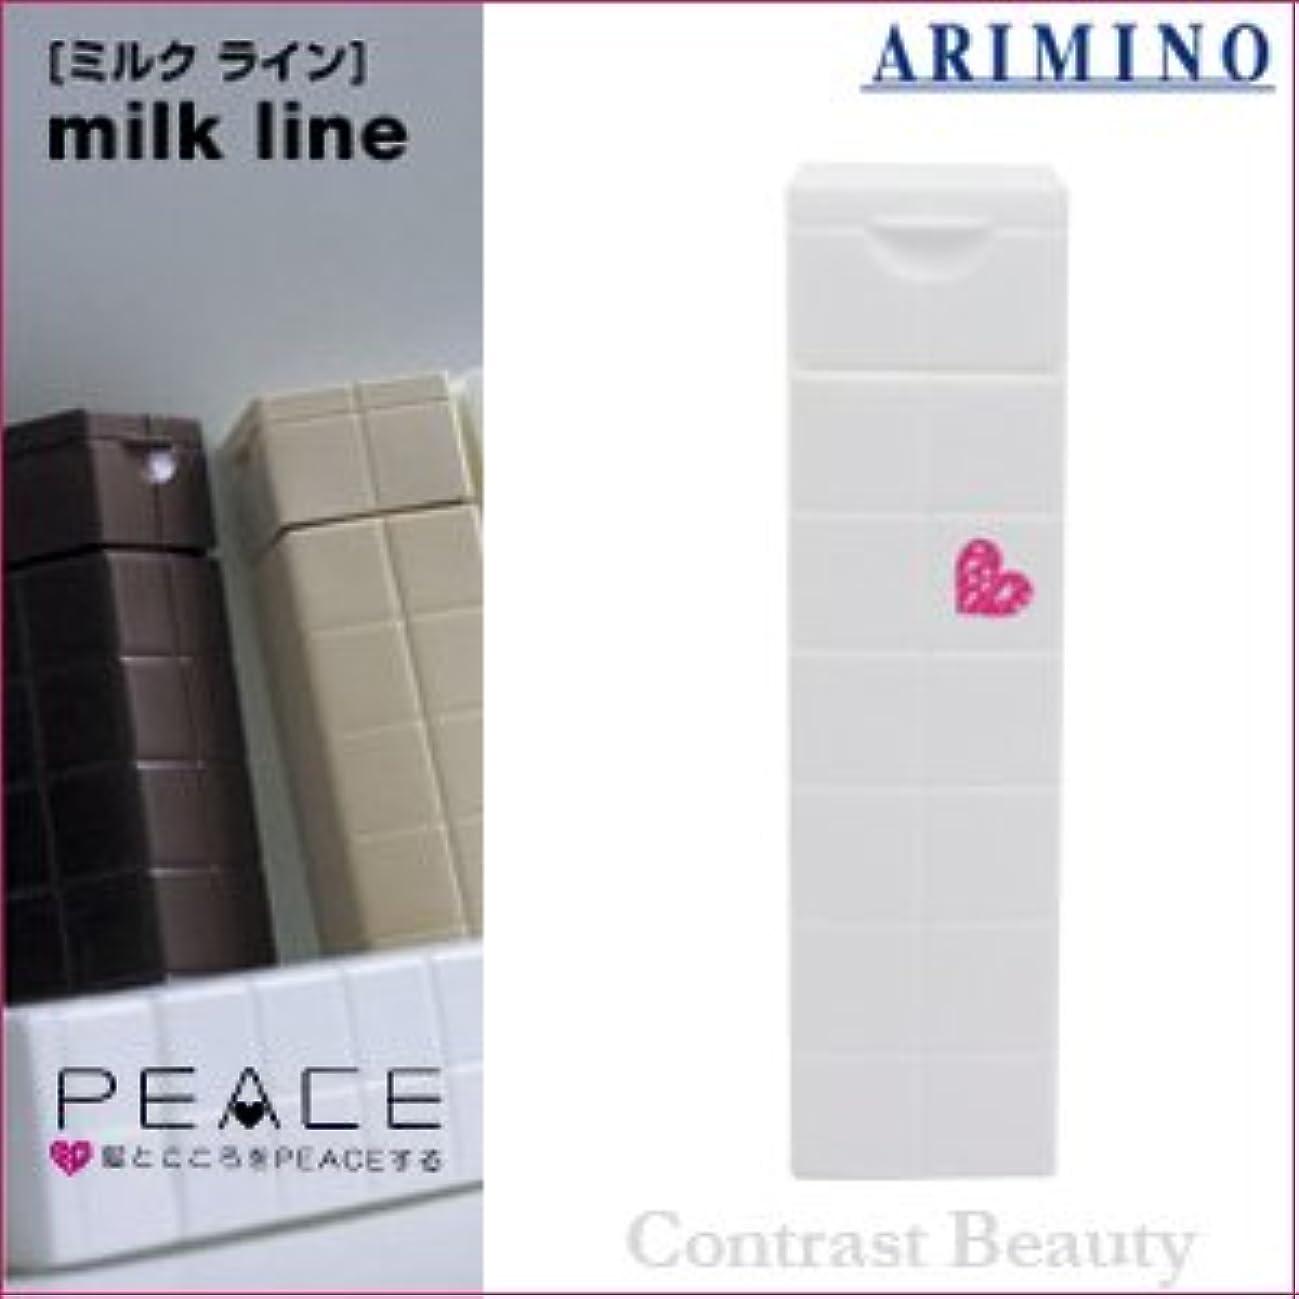 発症聖職者一貫性のないアリミノ ピース グロスミルク ホワイト 200ml